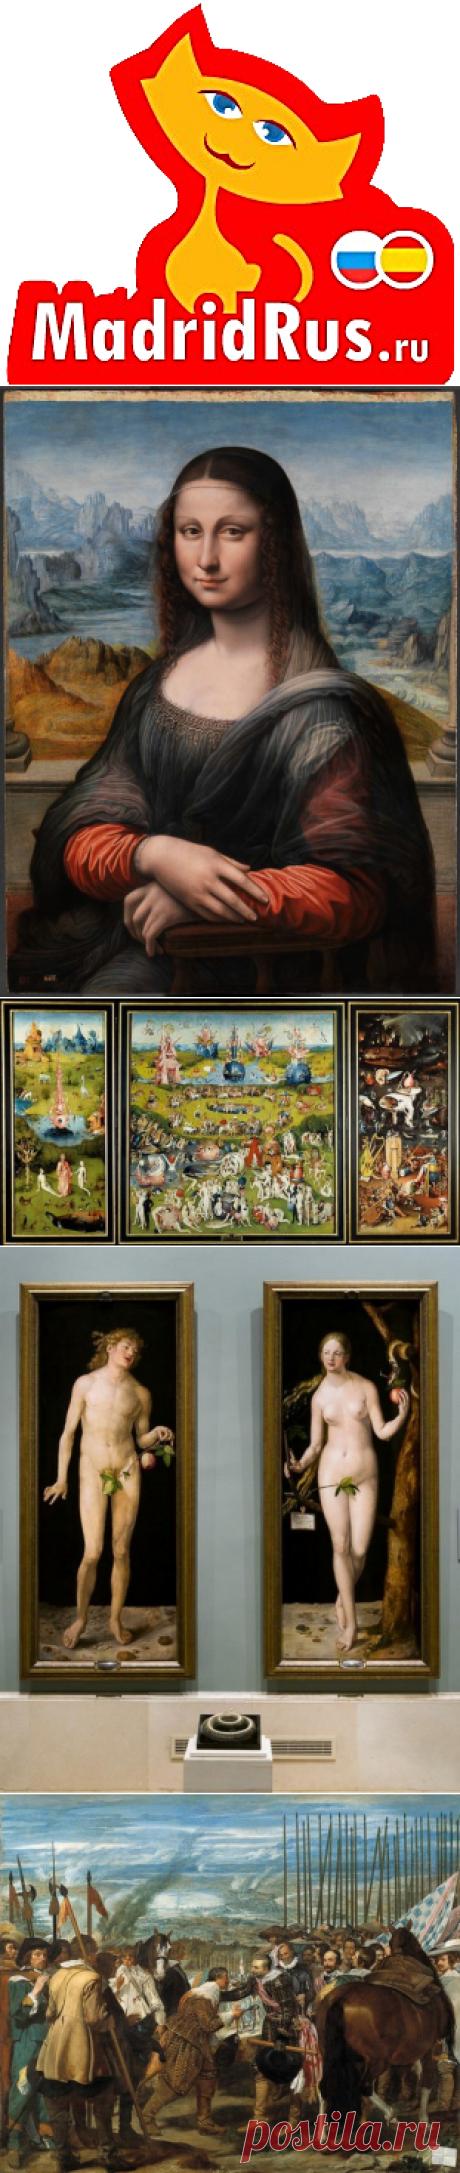 Экскурсии в  Мадриде . Индивидуальные и групповые экскурсии в  Музей Прадо в Мадриде, в один из самых известных музеев мира.